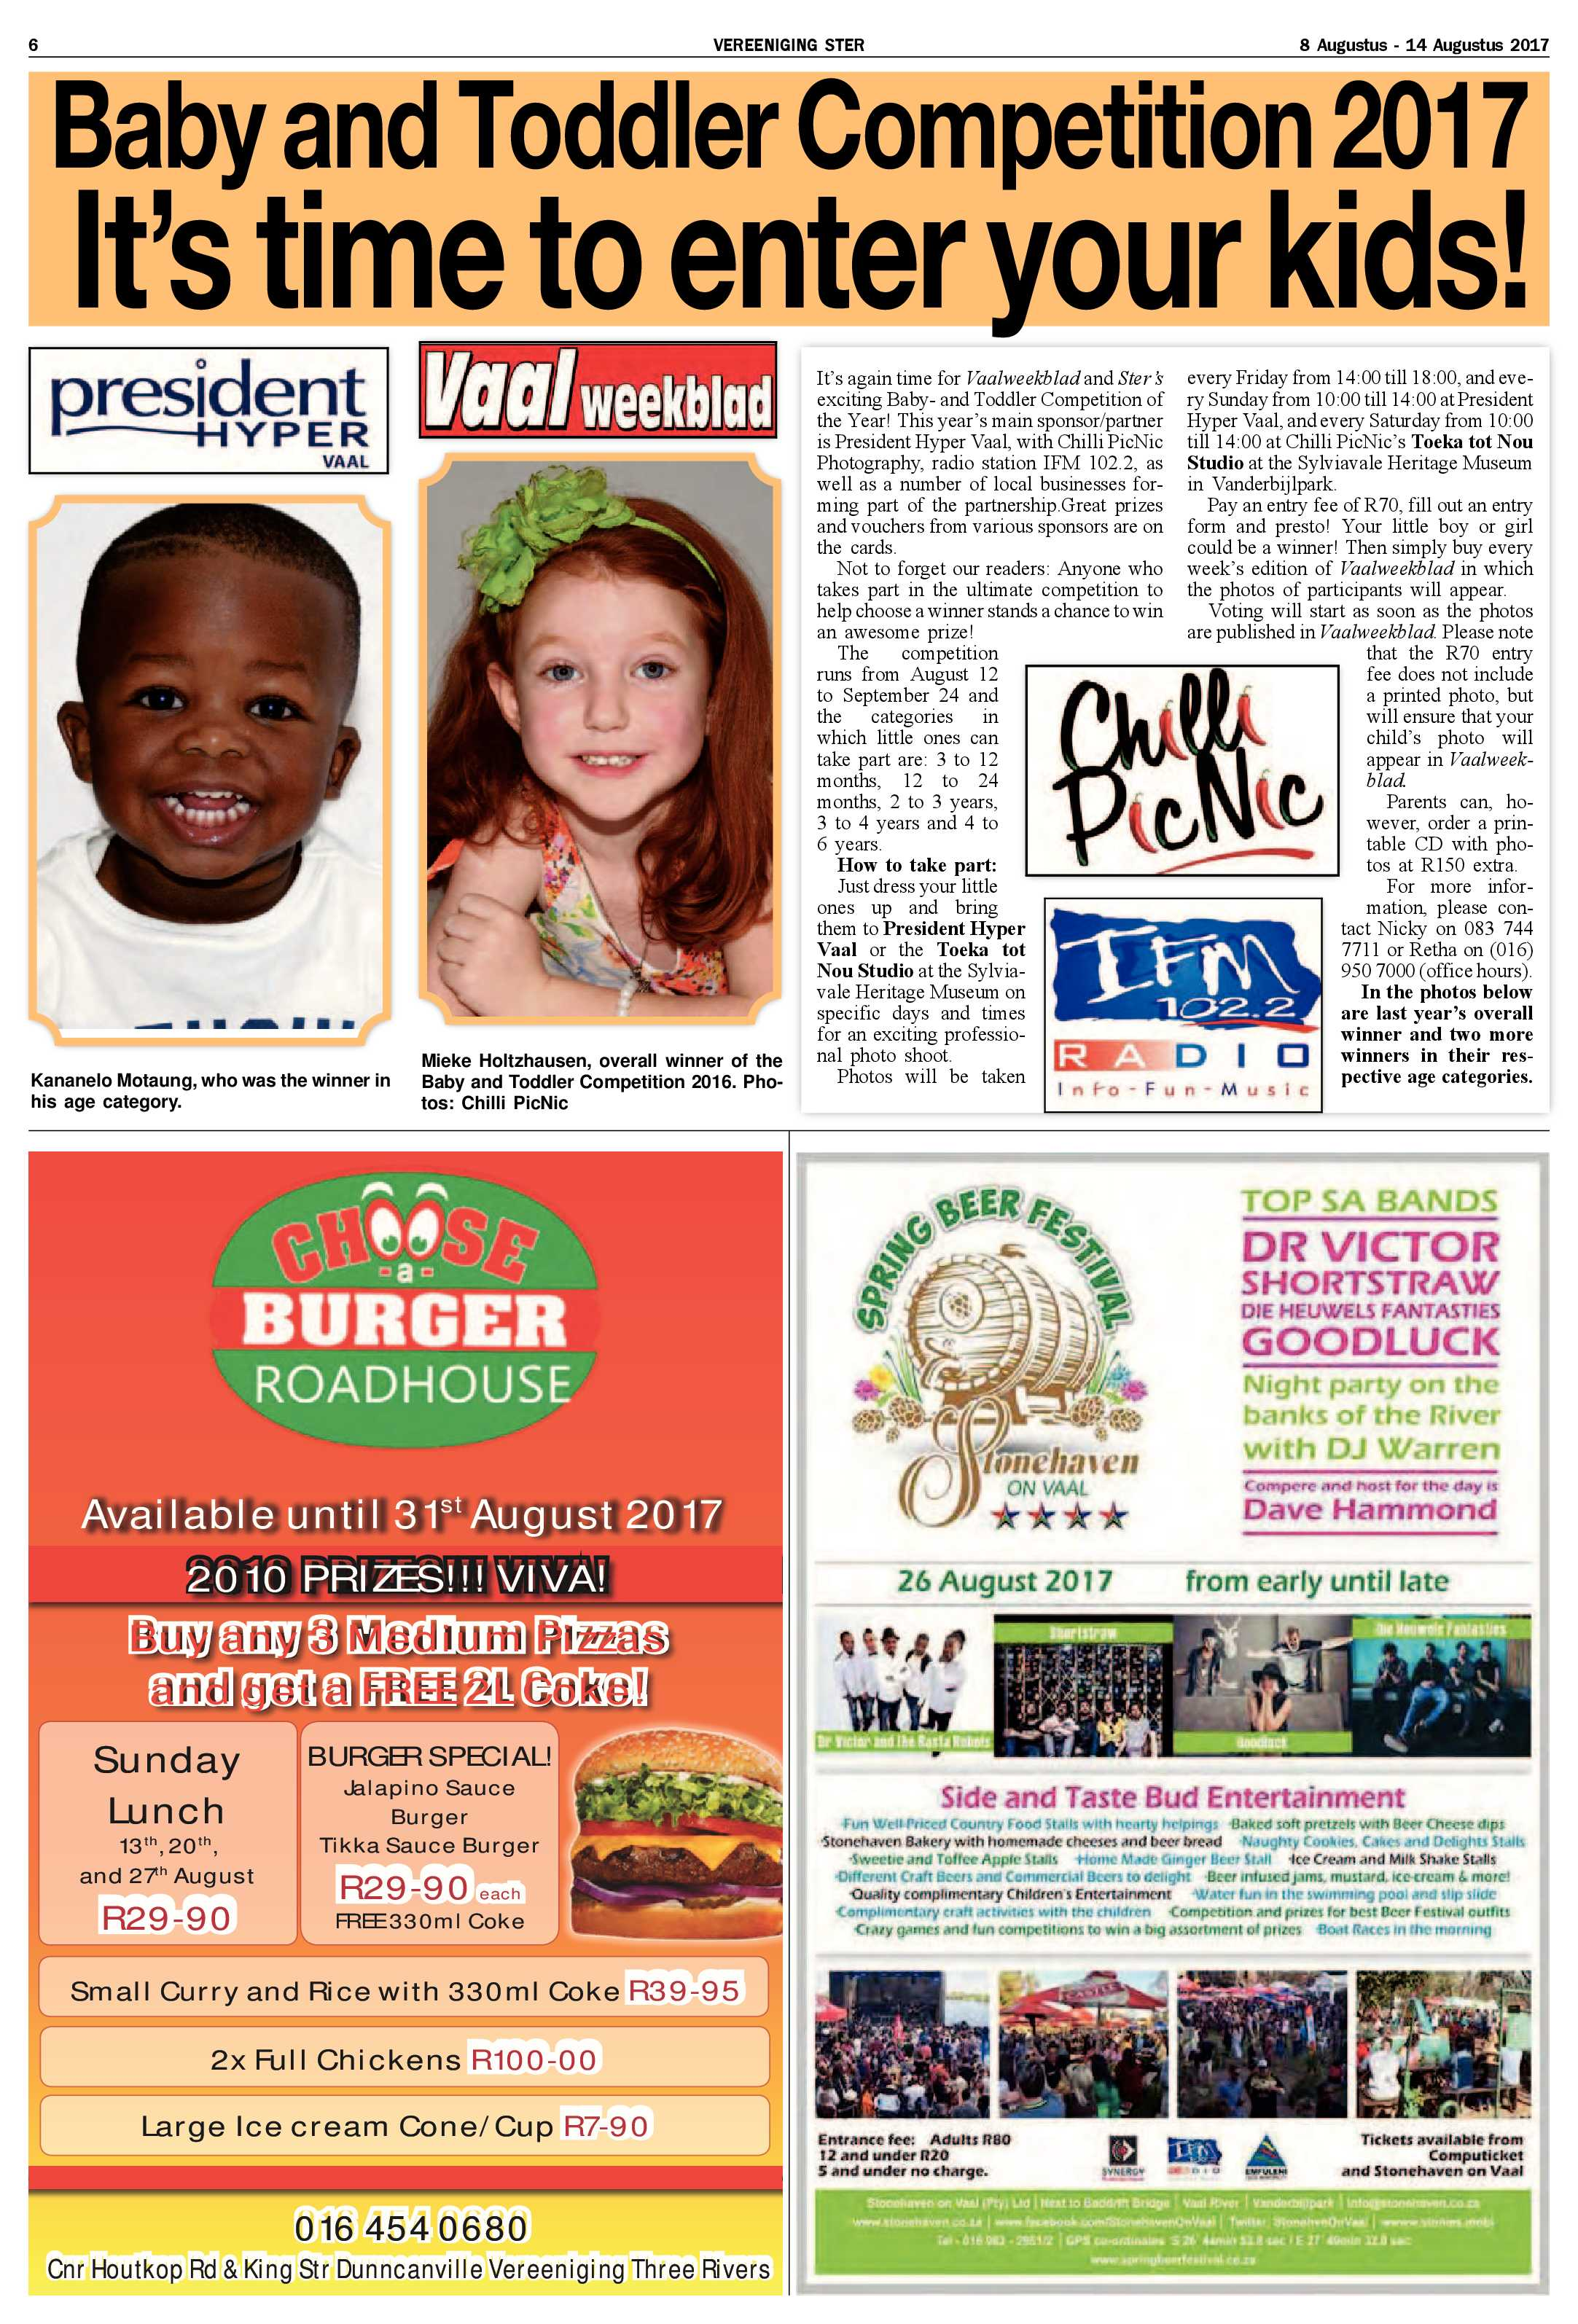 vereeniging-ster-8-14-augustus-2017-epapers-page-6